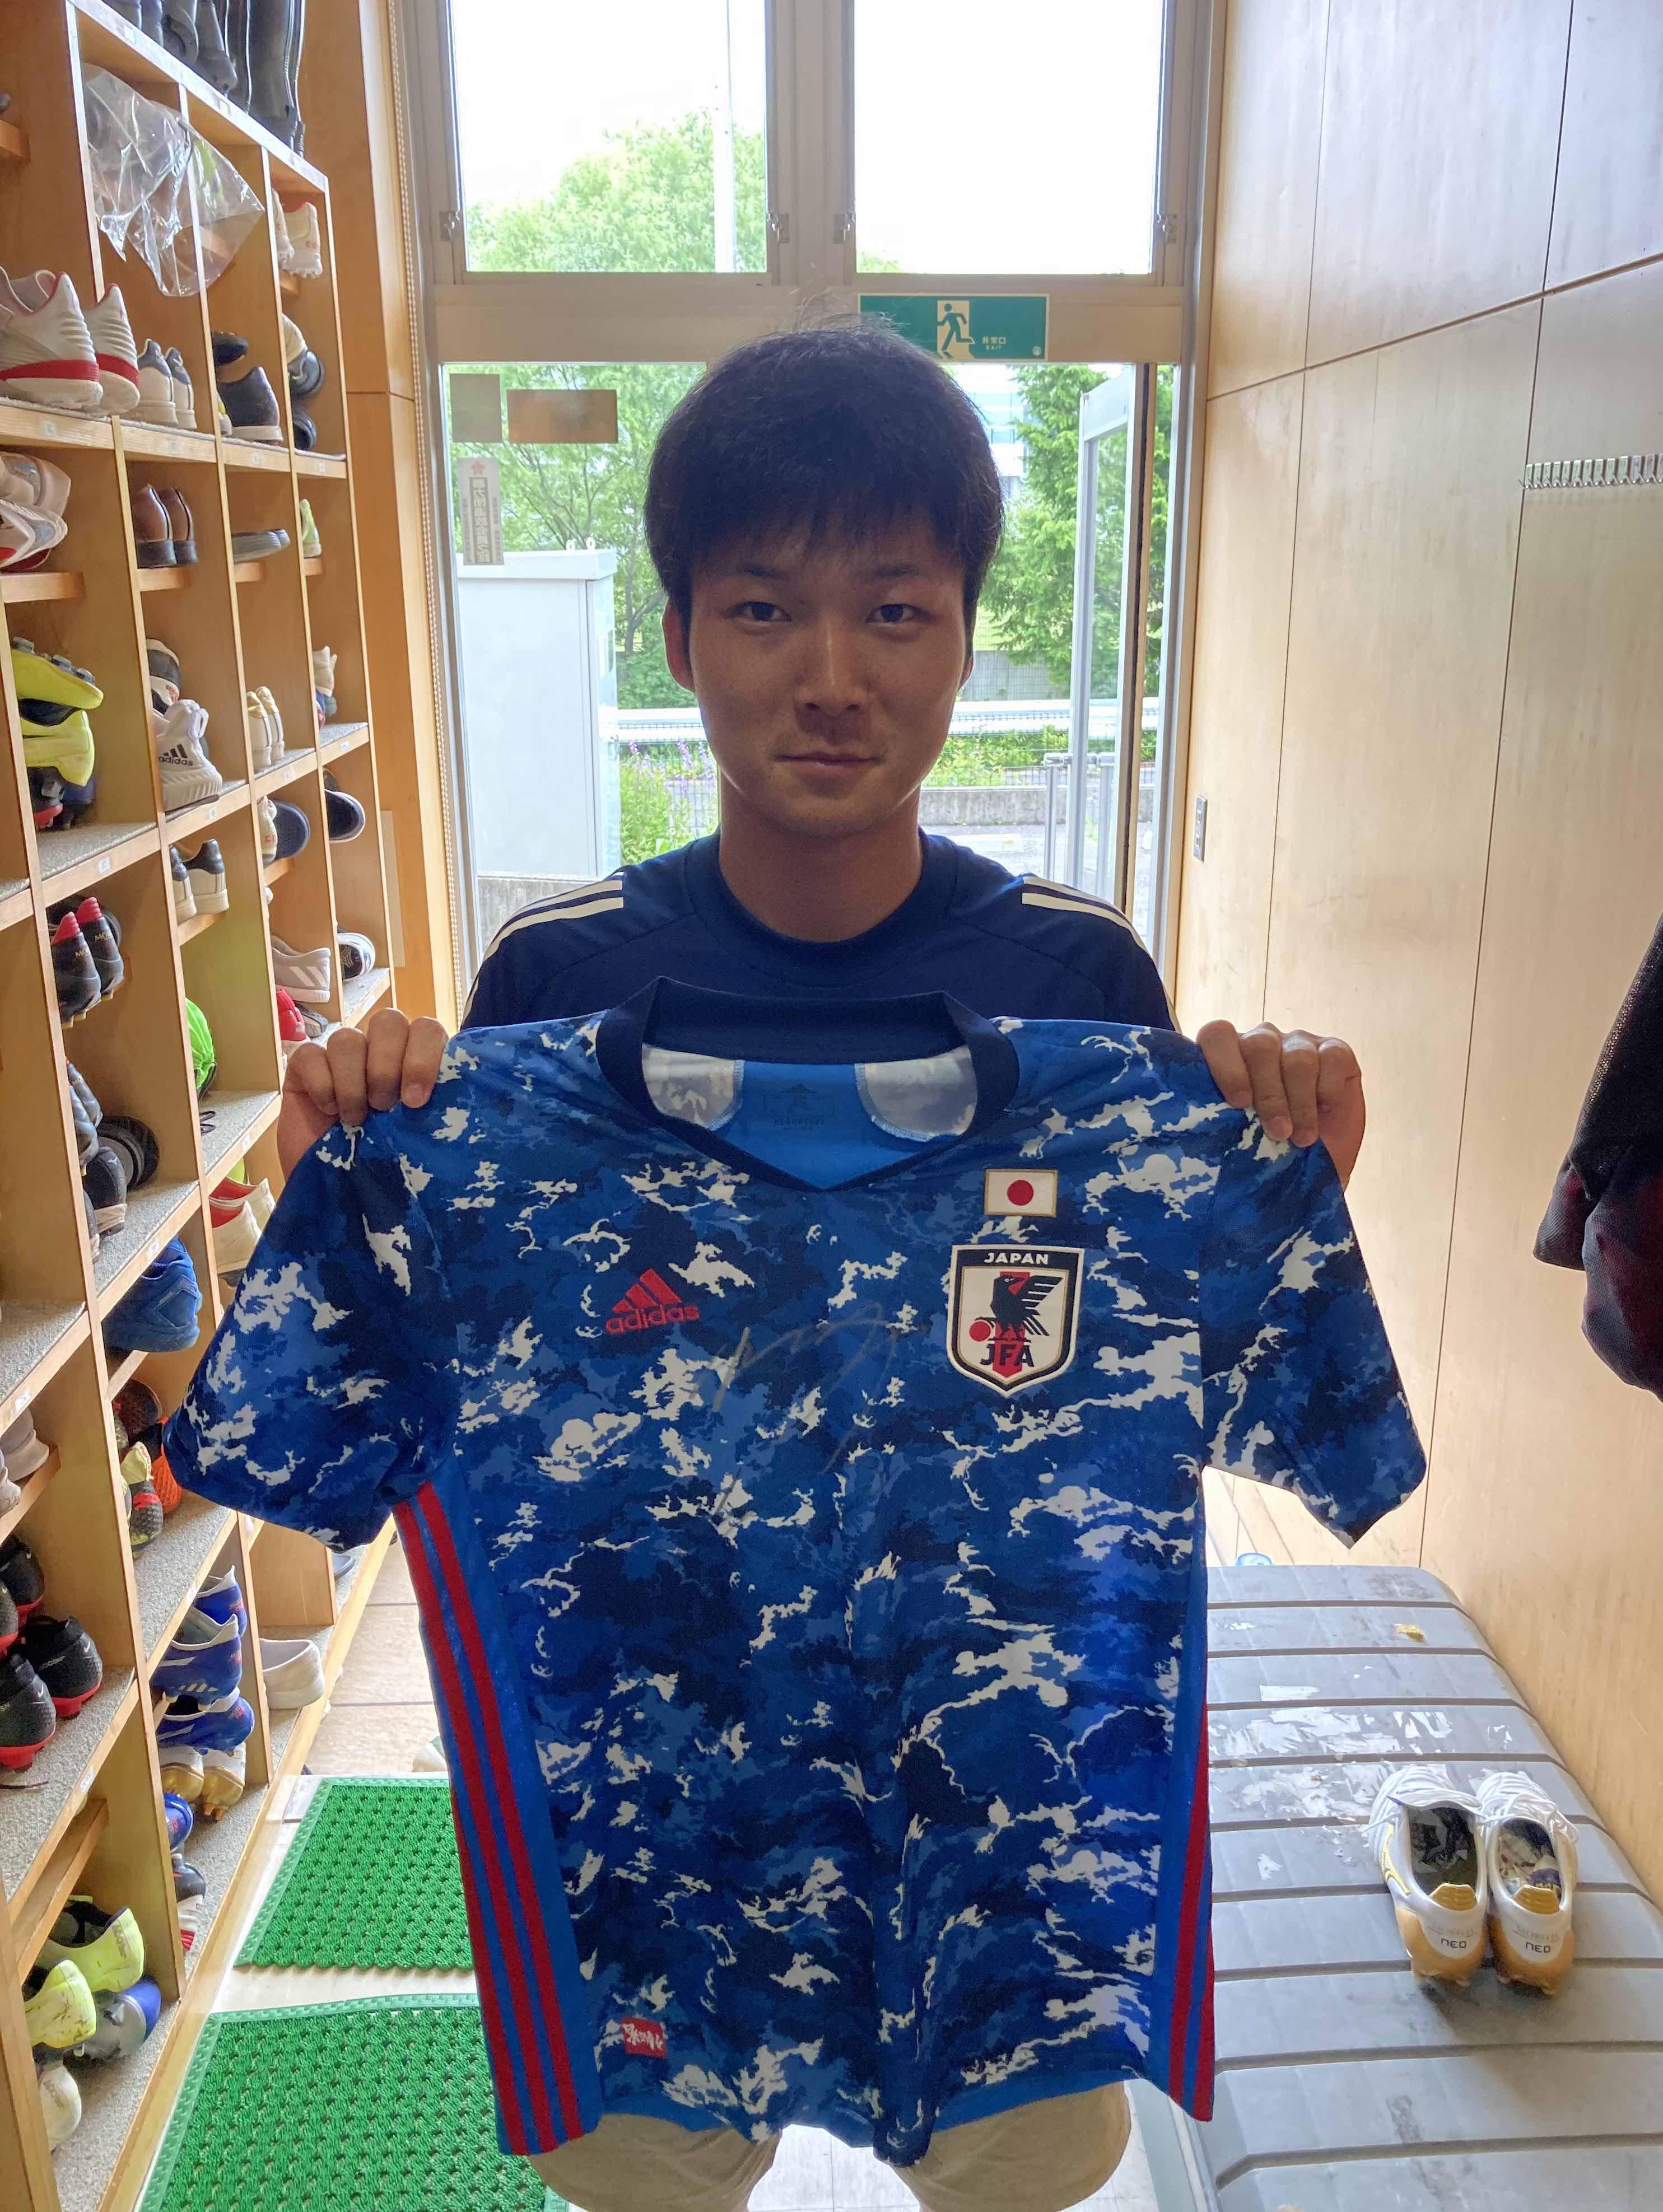 【直筆サイン入り公式】U-23日本代表 椎橋 慧也 選手(ベガルタ仙台)